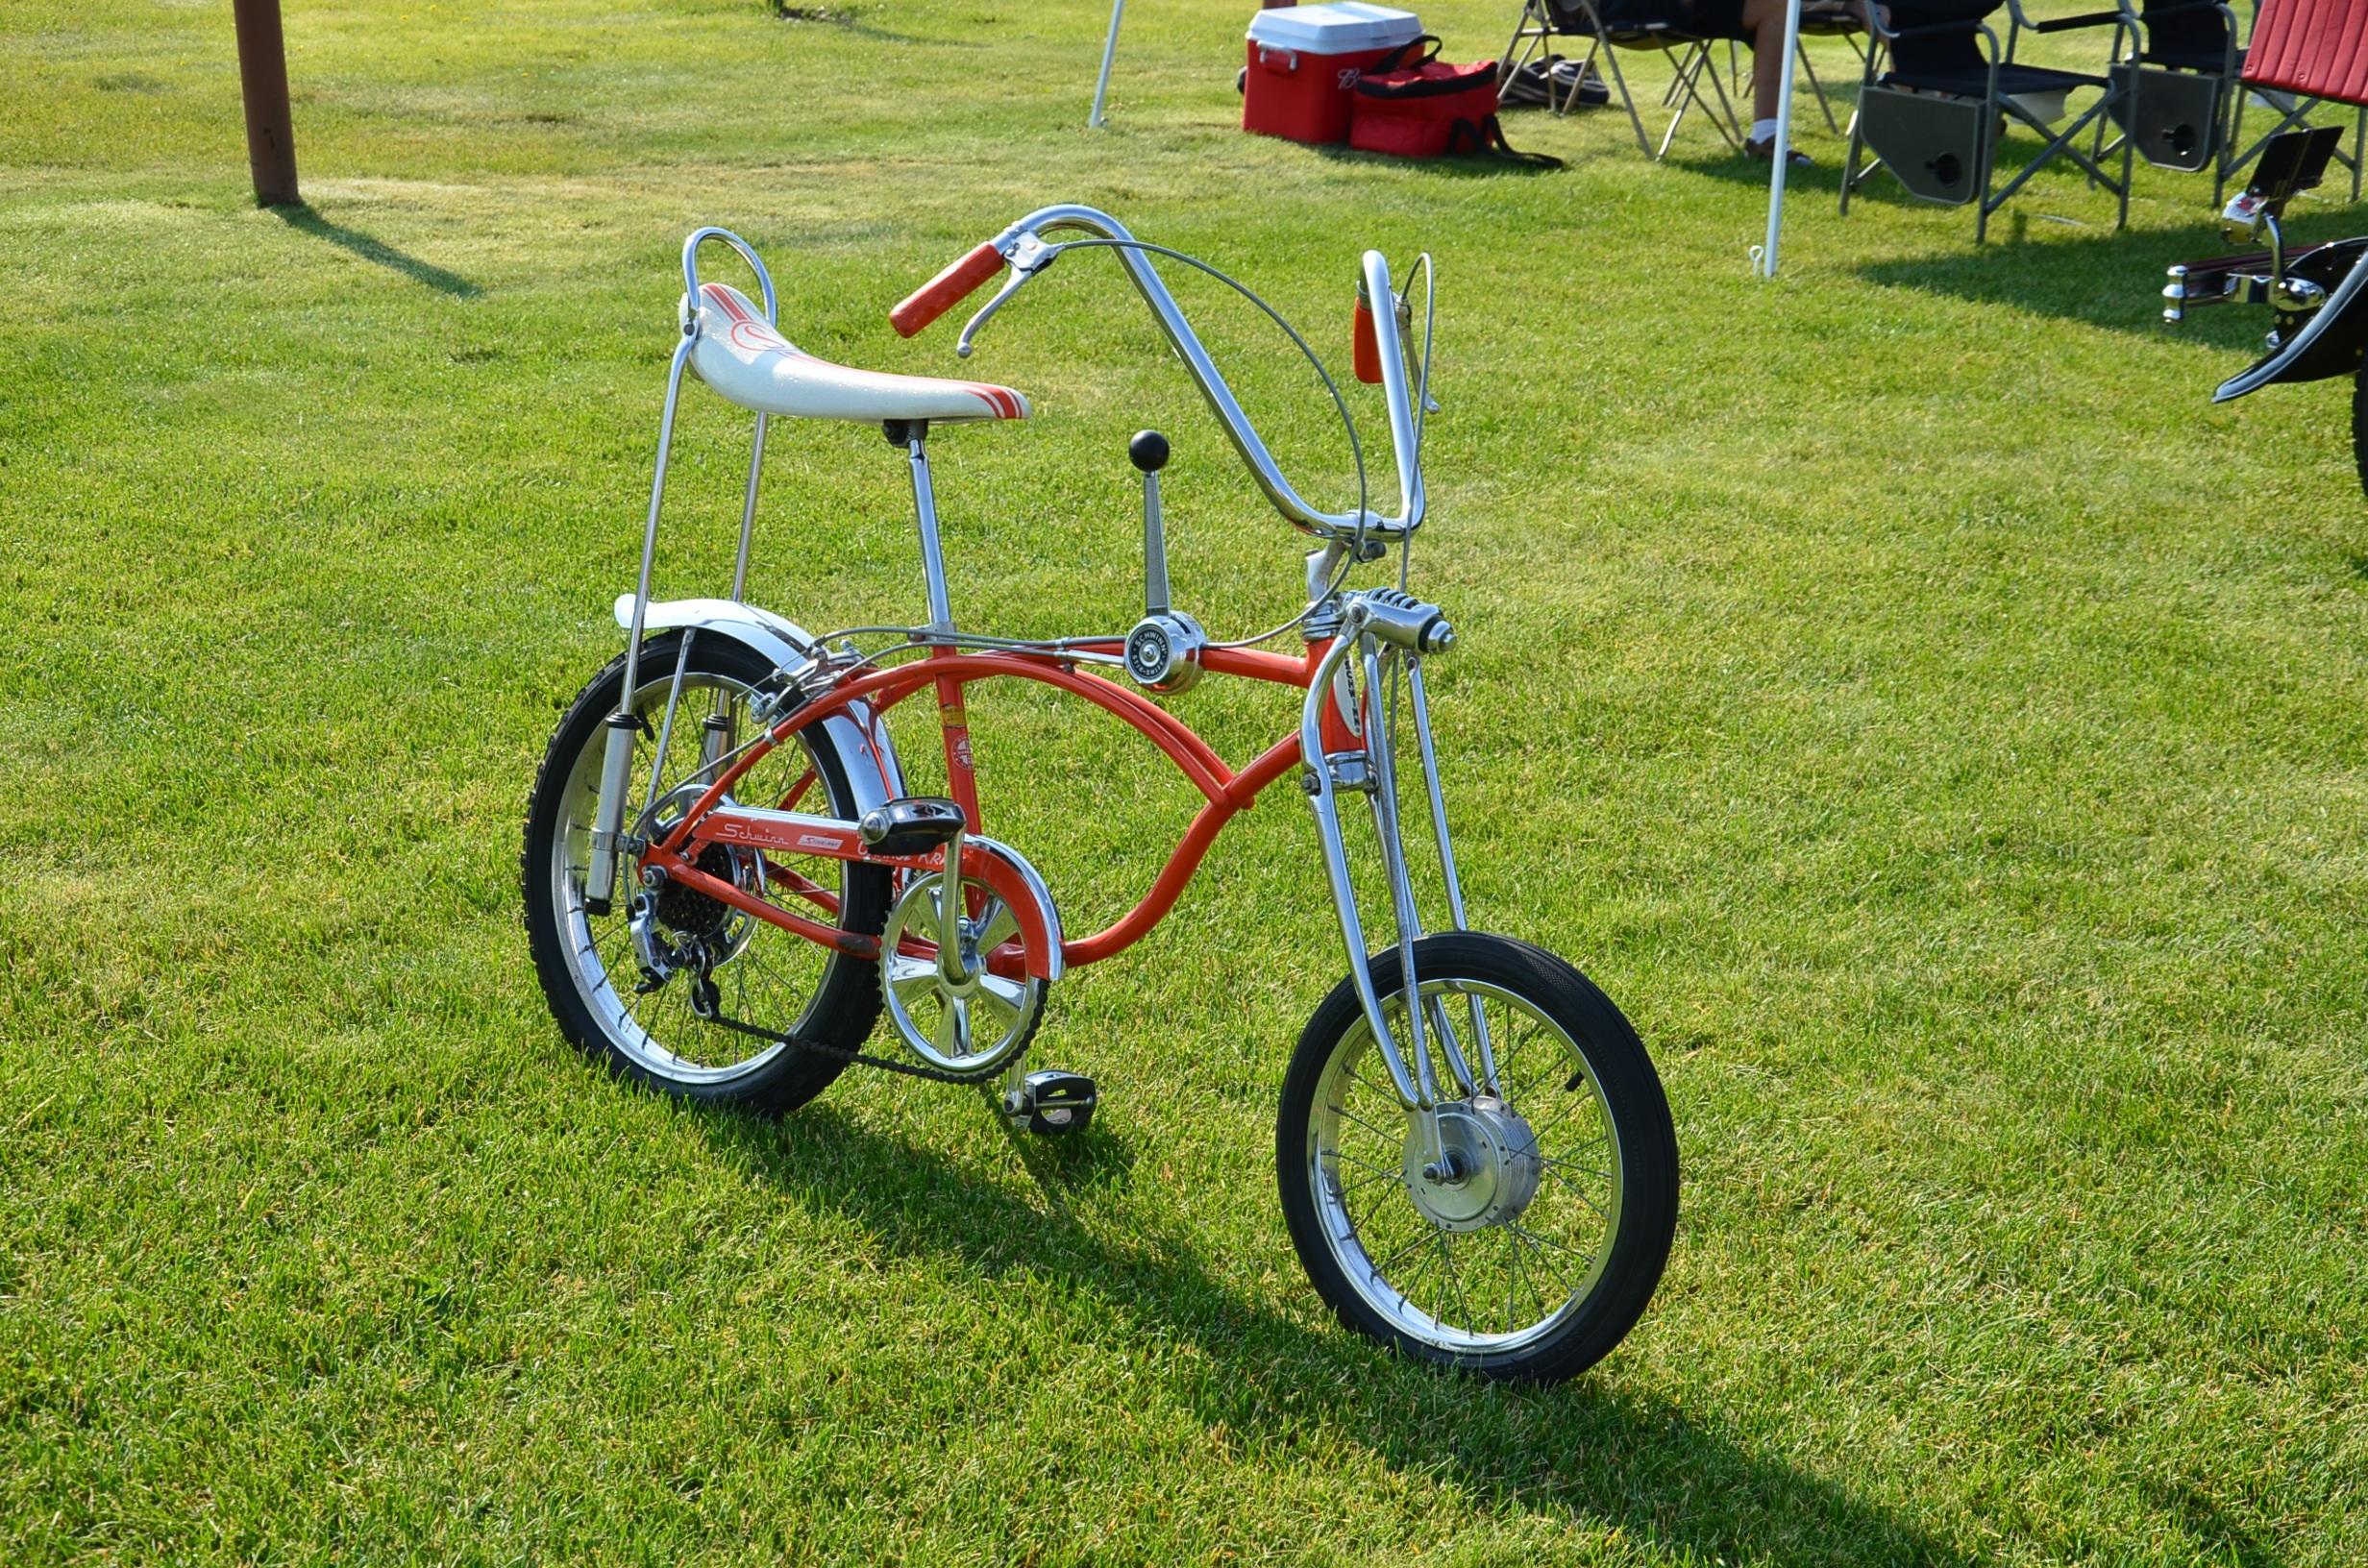 Kostenlose foto  Rad Fahrzeug Sportausrstung Mountainbike